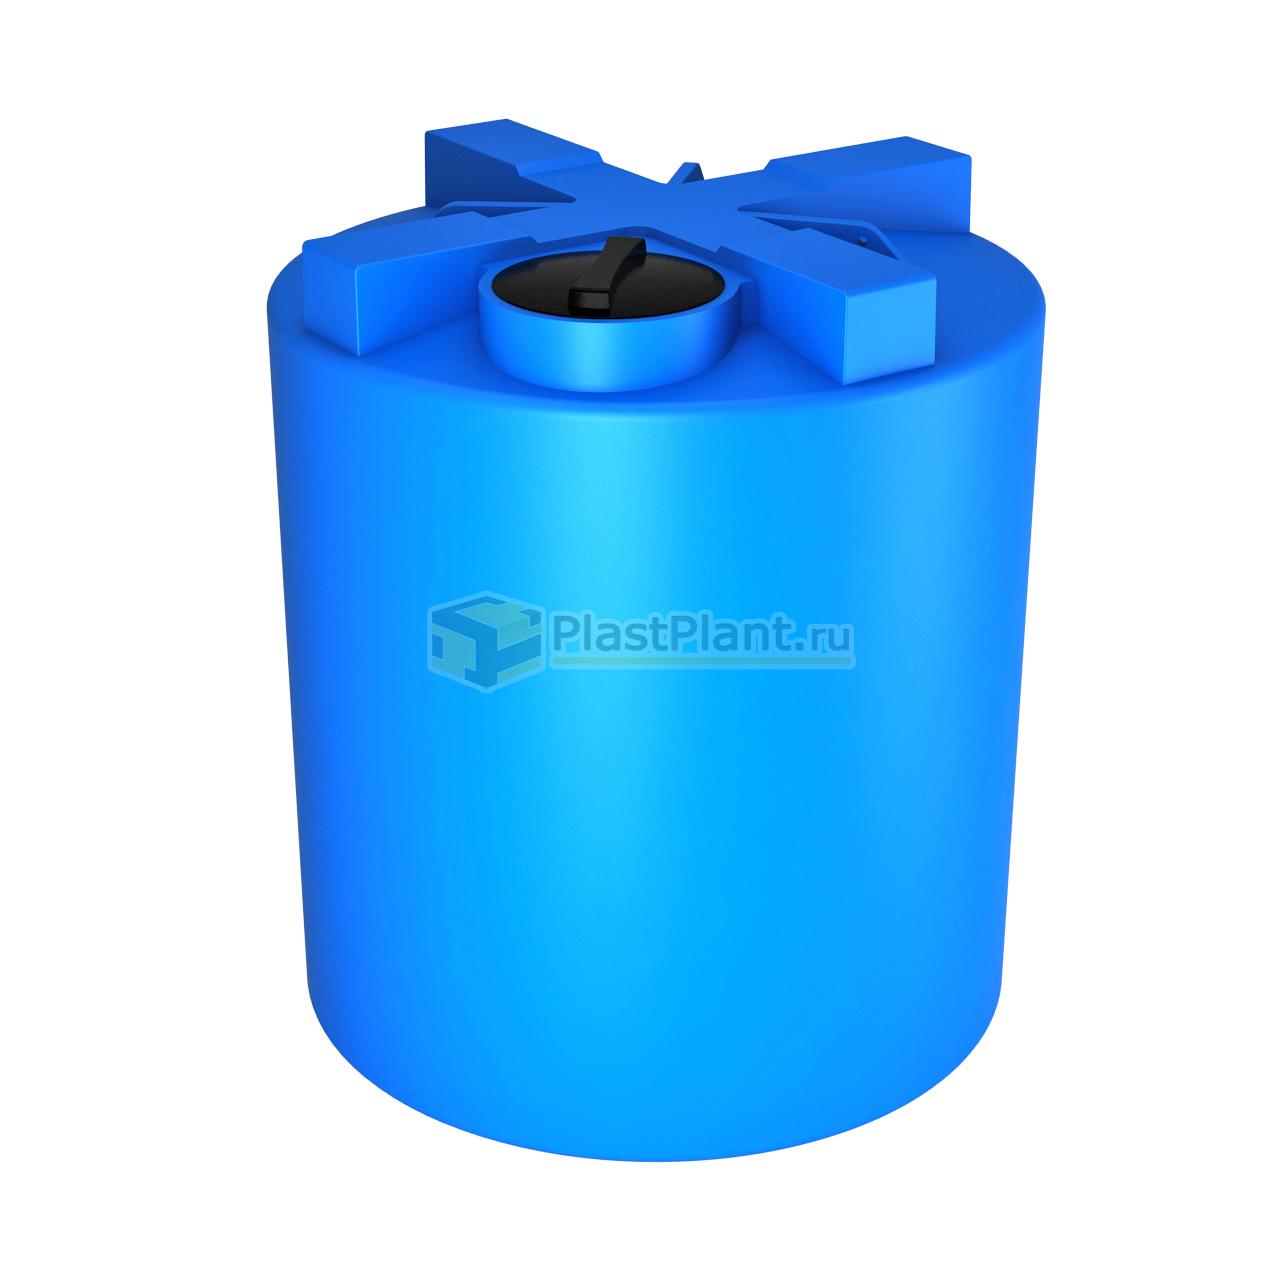 Пластиковая емкость Т 10000 литров